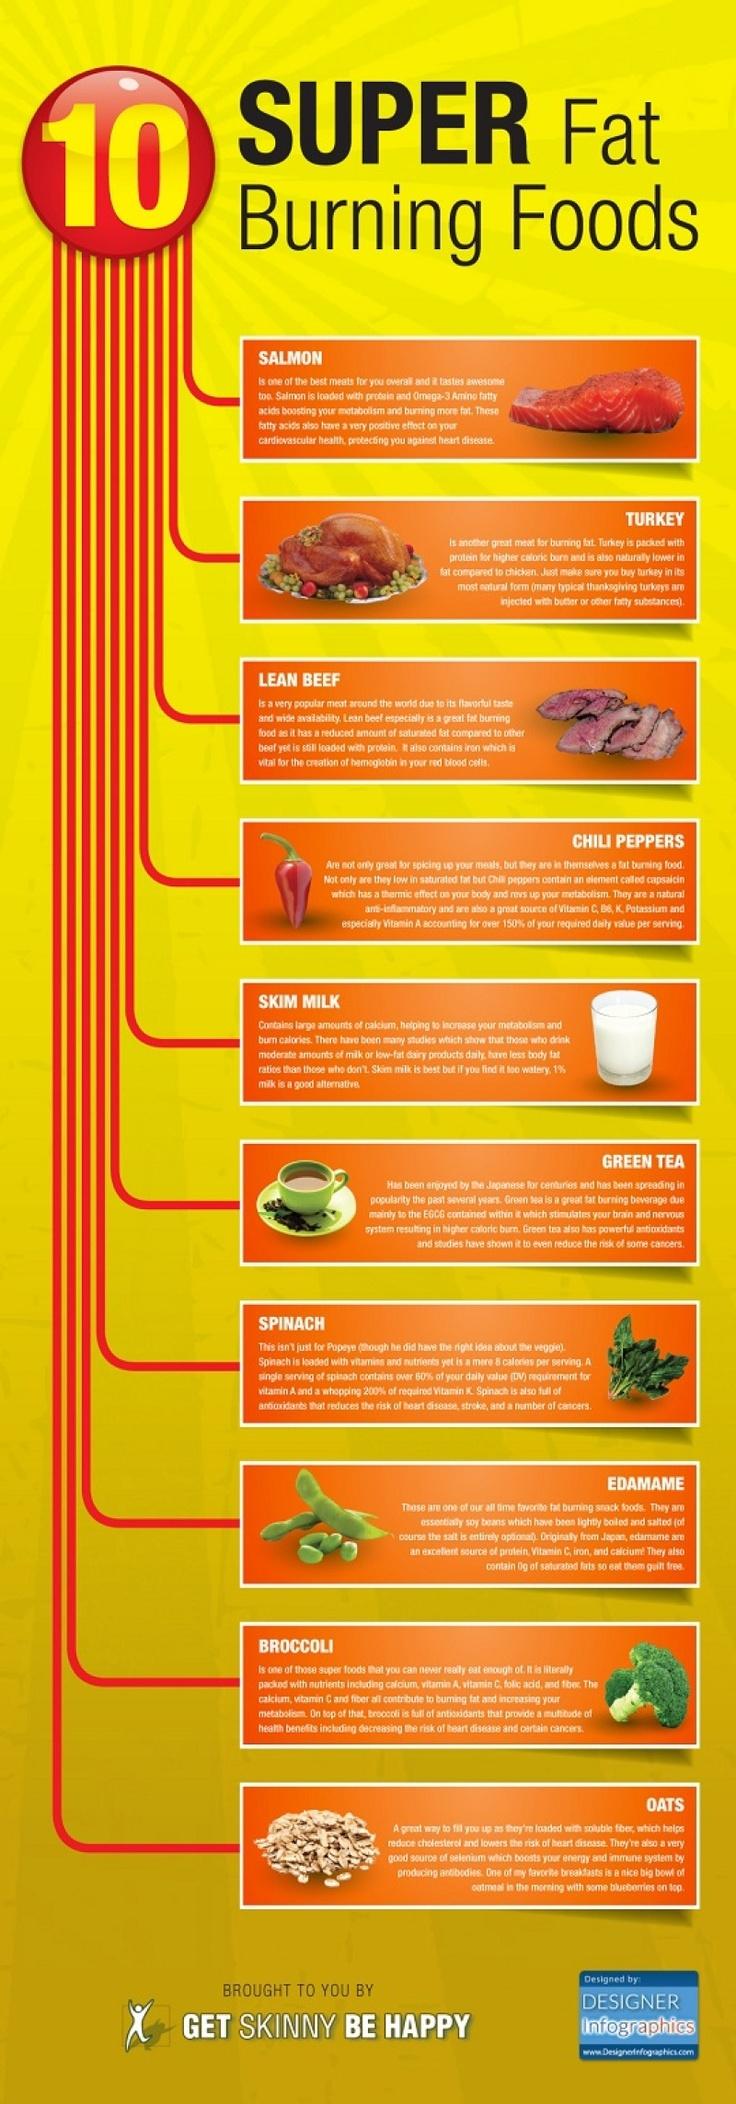 super 10 fat burning food